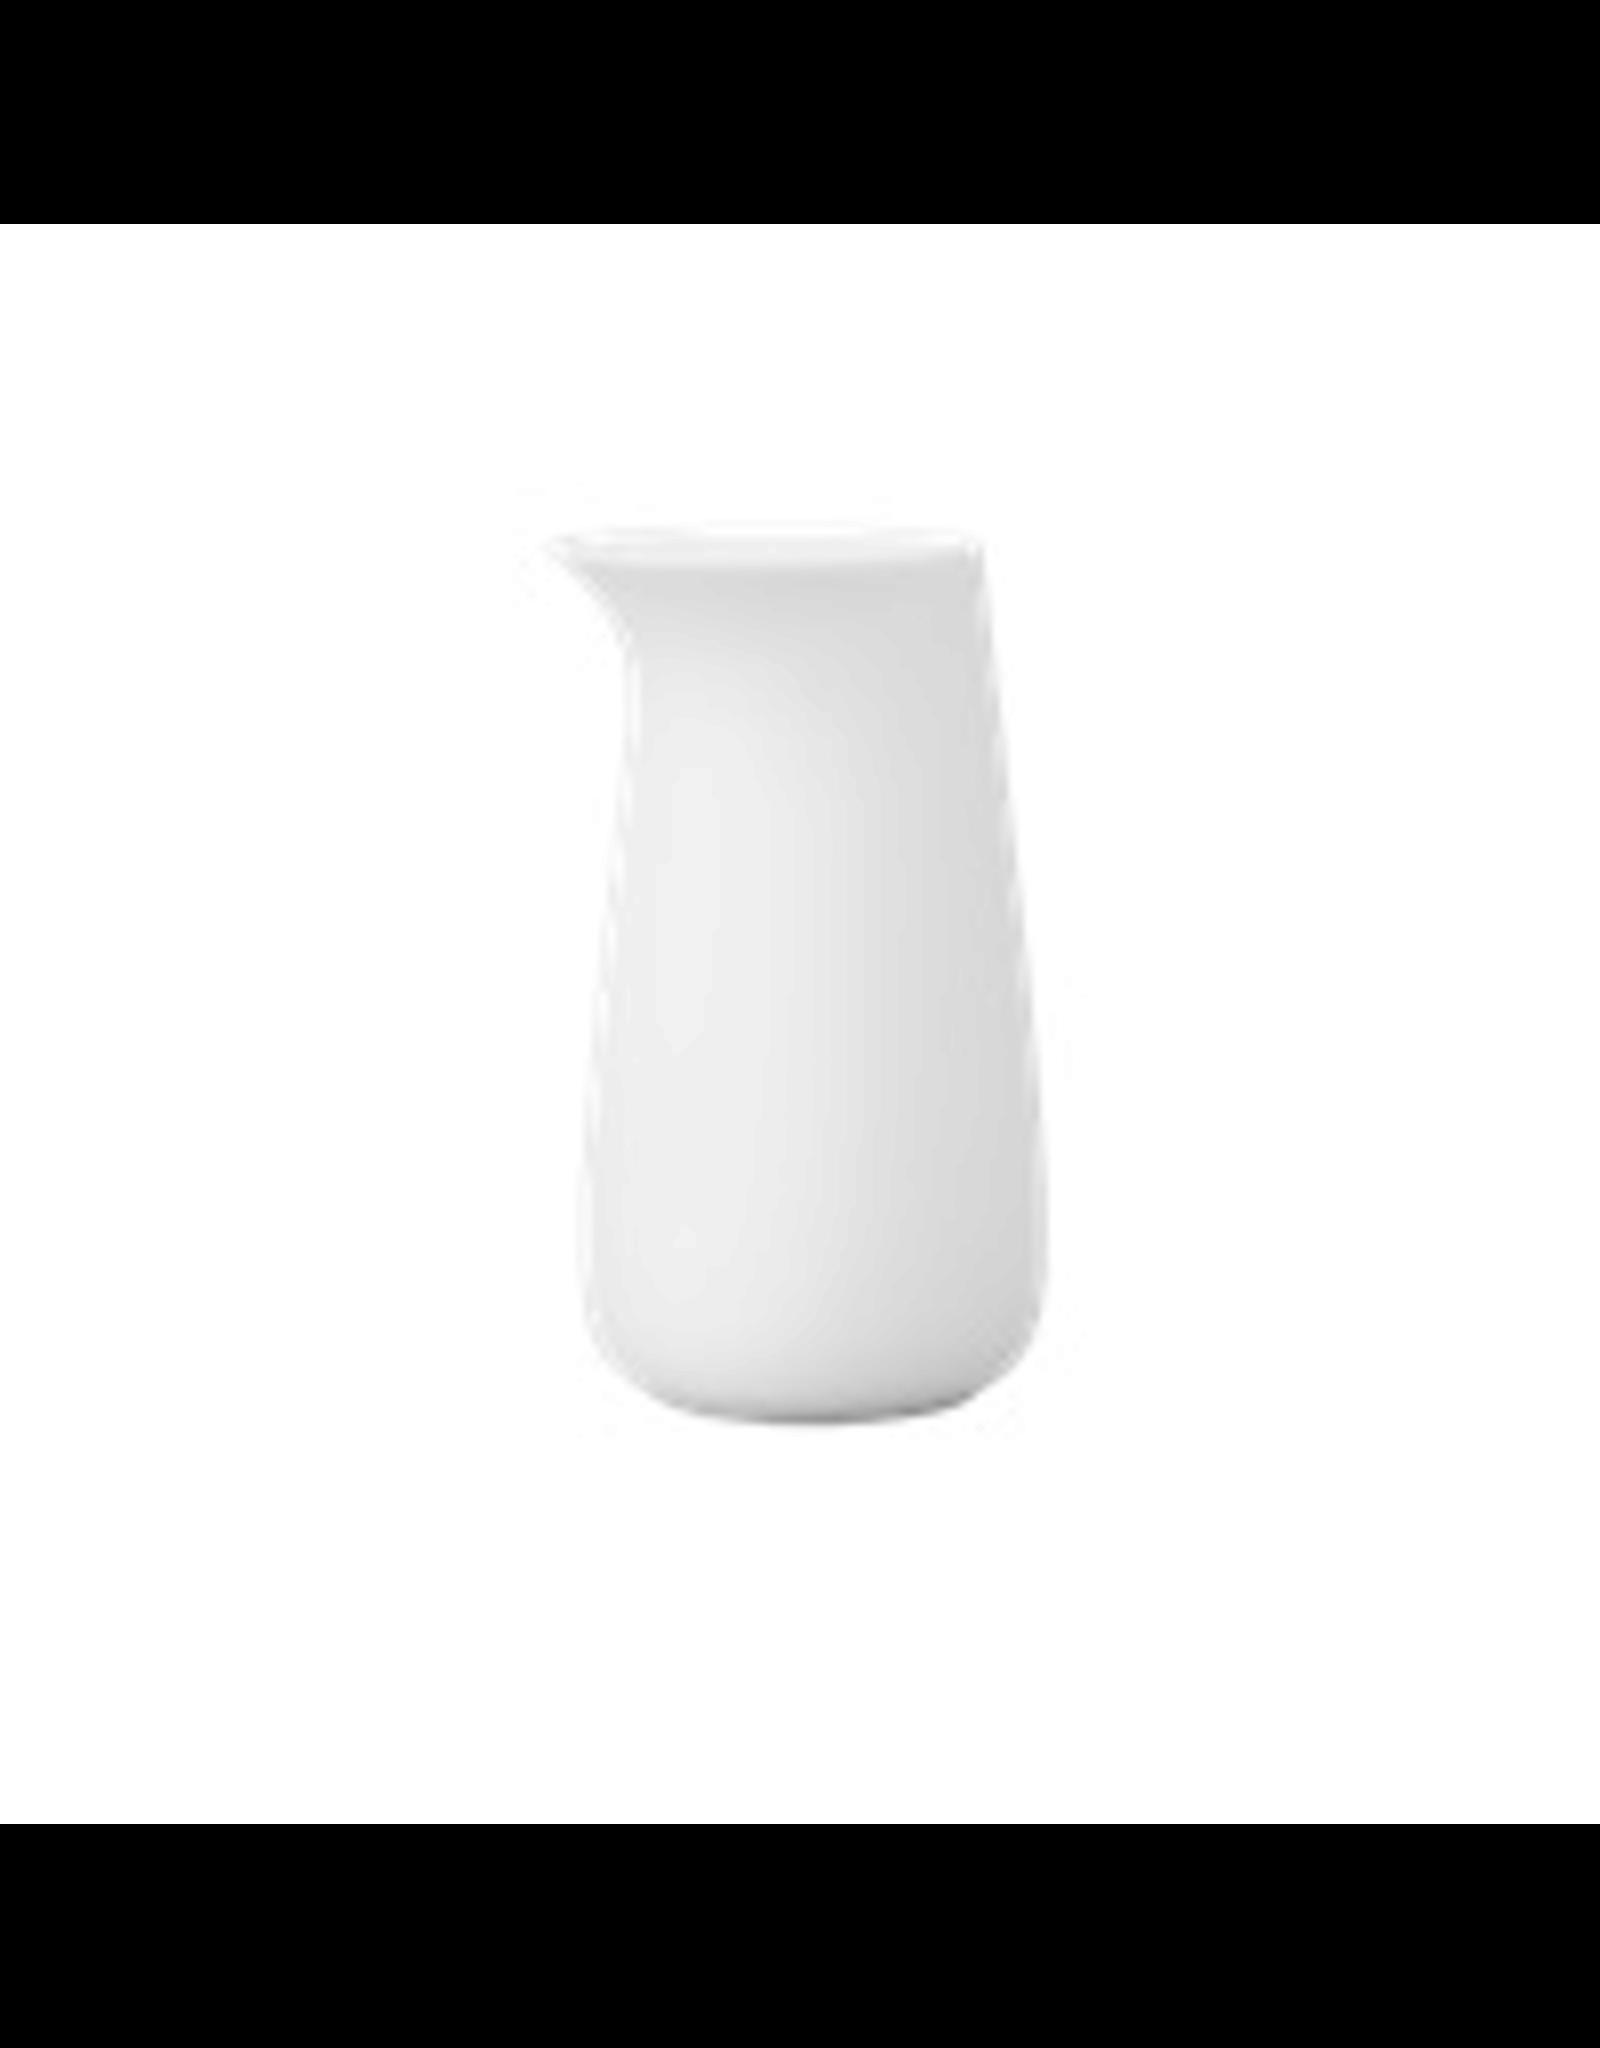 Stelton Stelton Foster Milk Jug 0.5 L